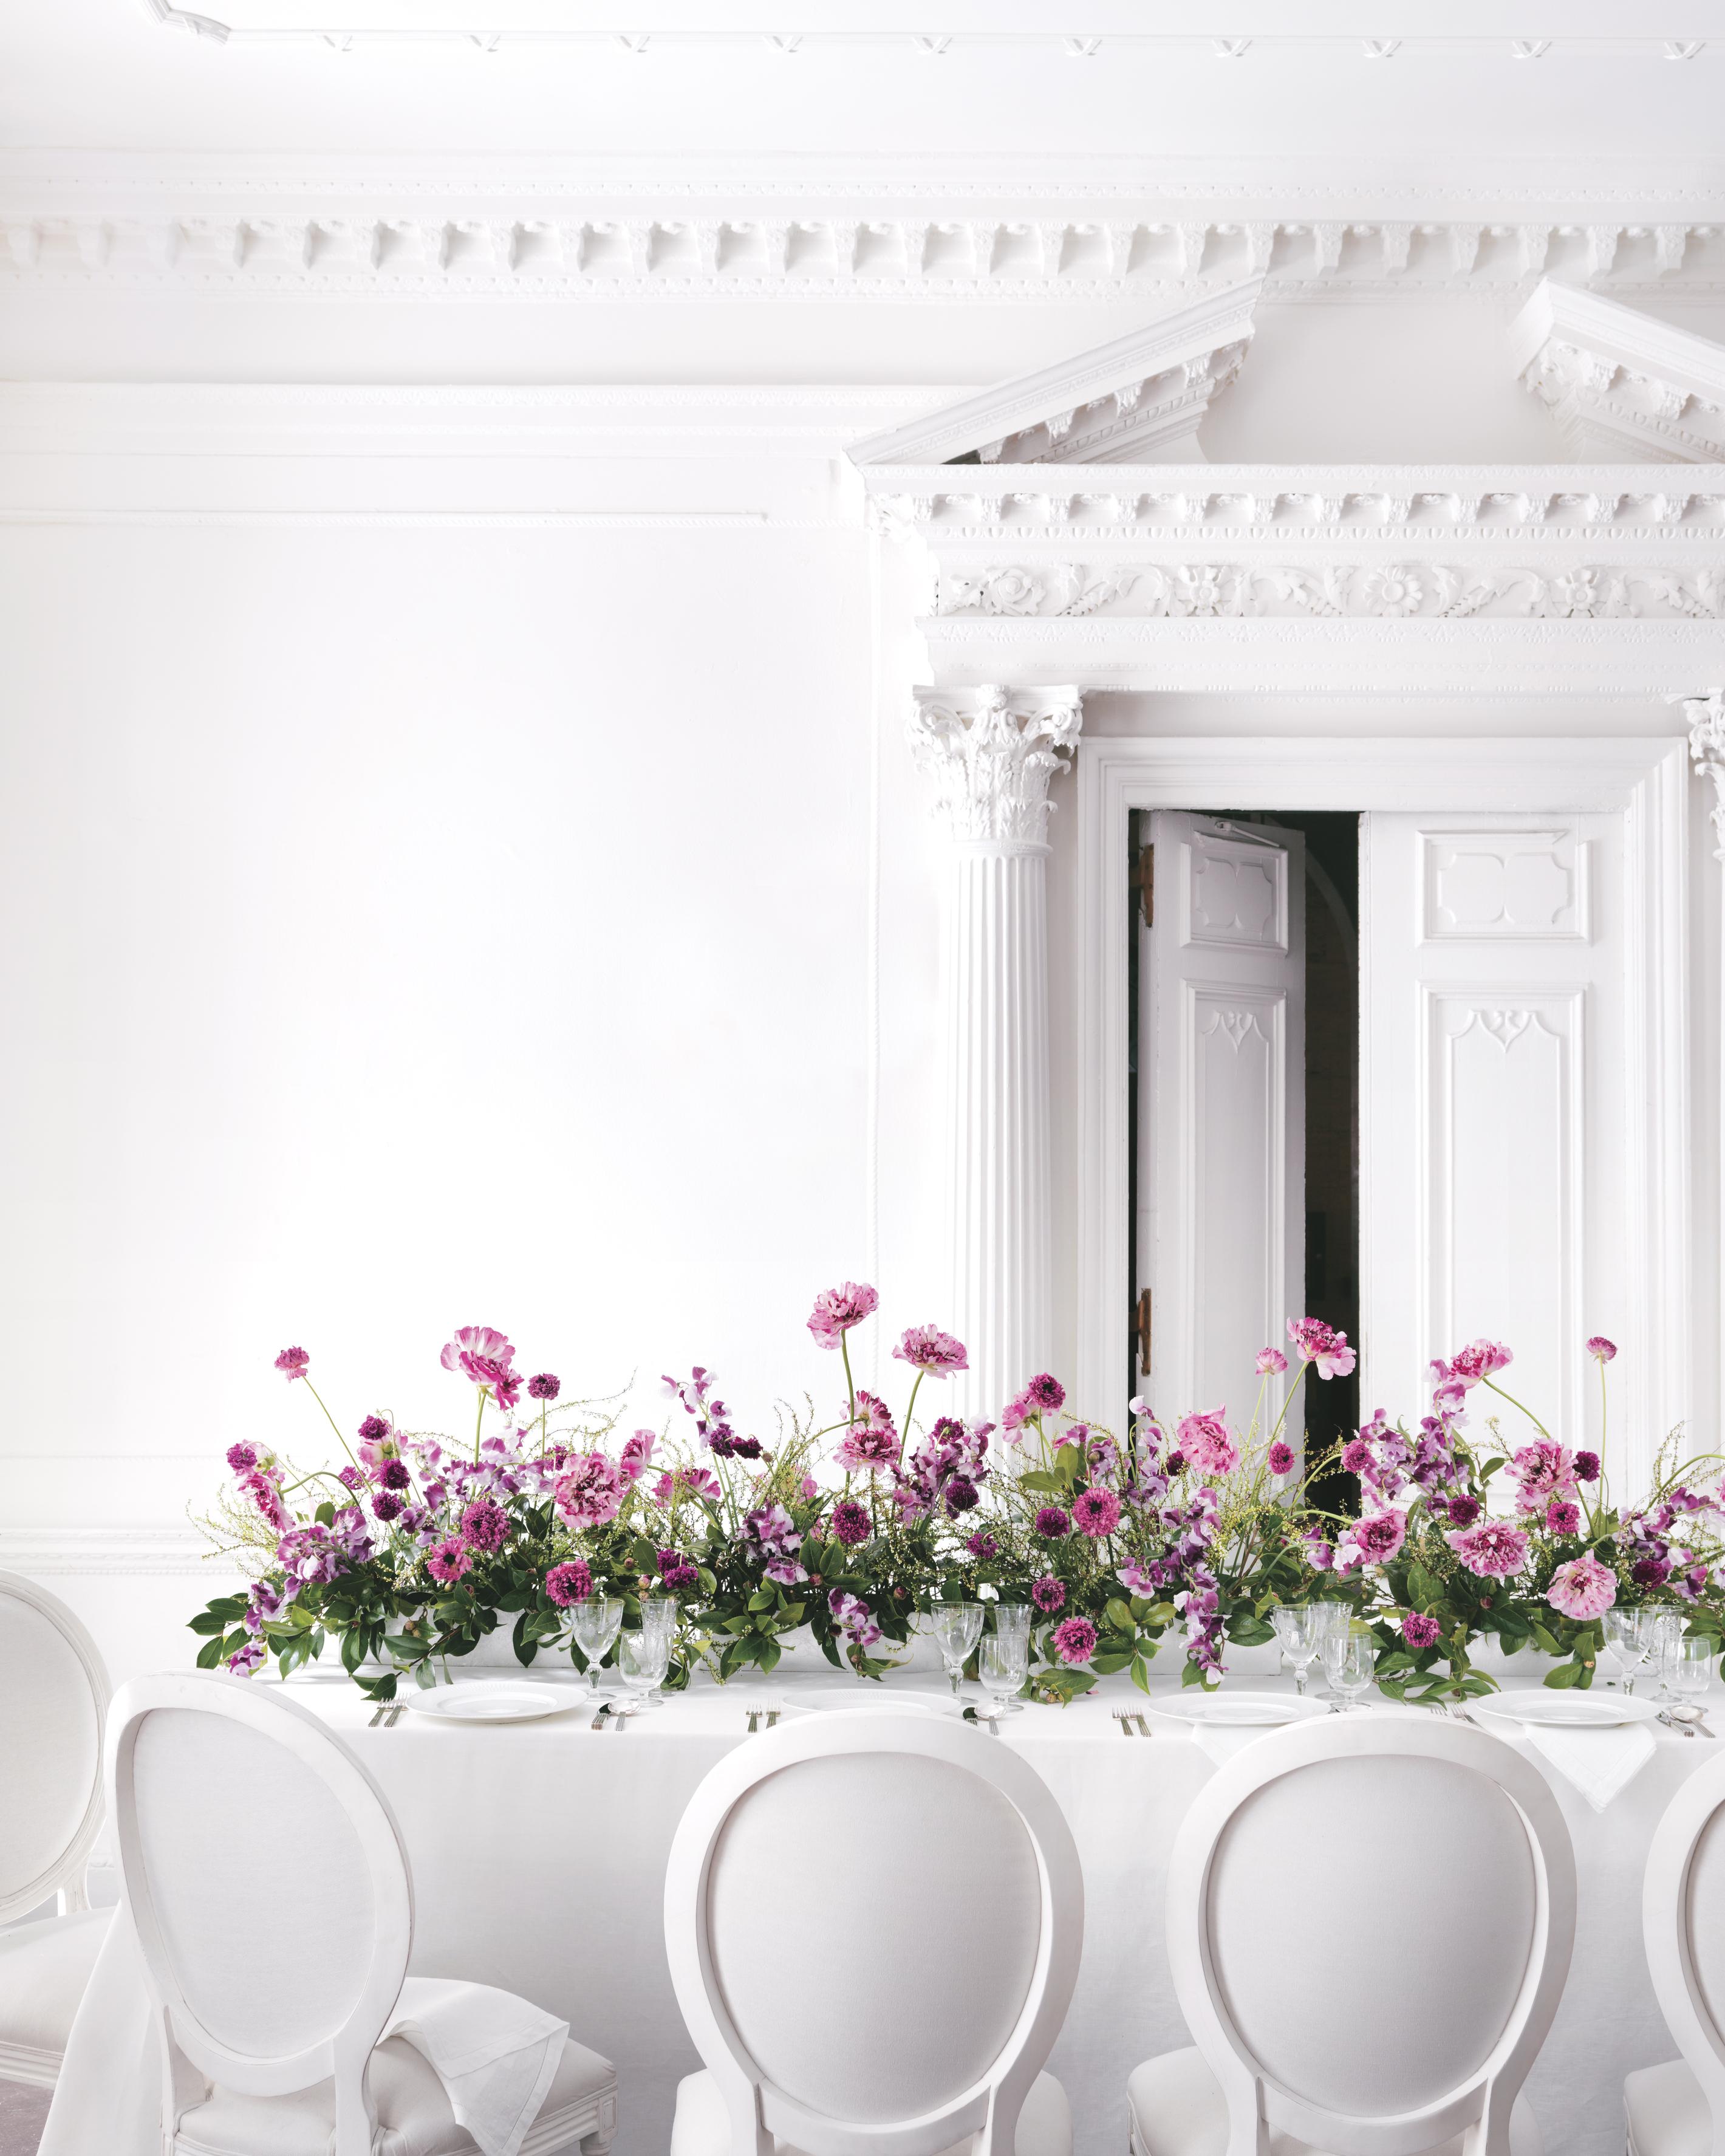 flowers-centerpiece-doors-shot-5-0394-d111961.jpg